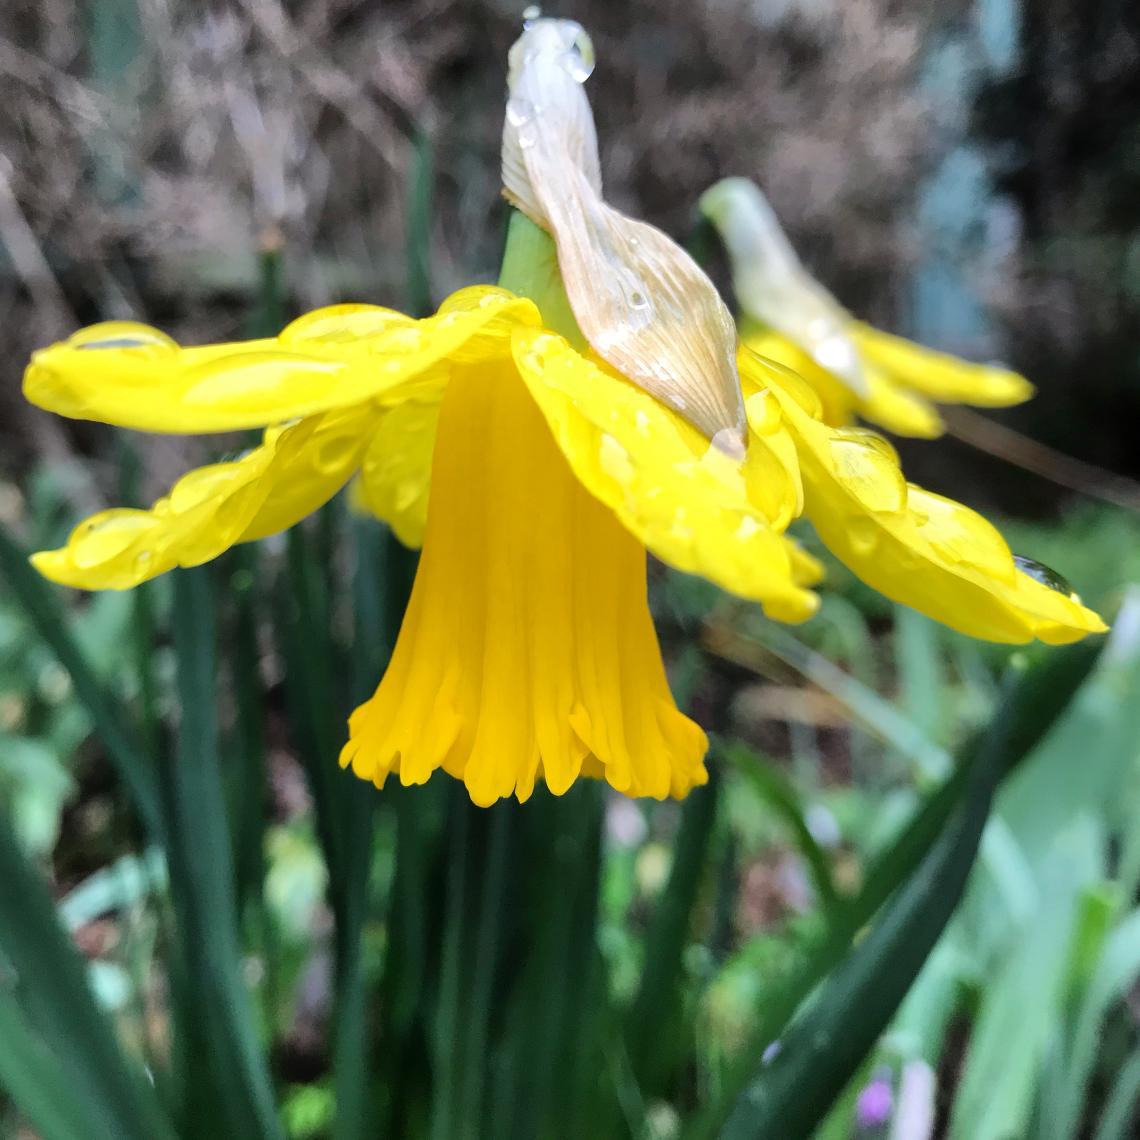 Narcissus bloom Milner Gardens & Woodland